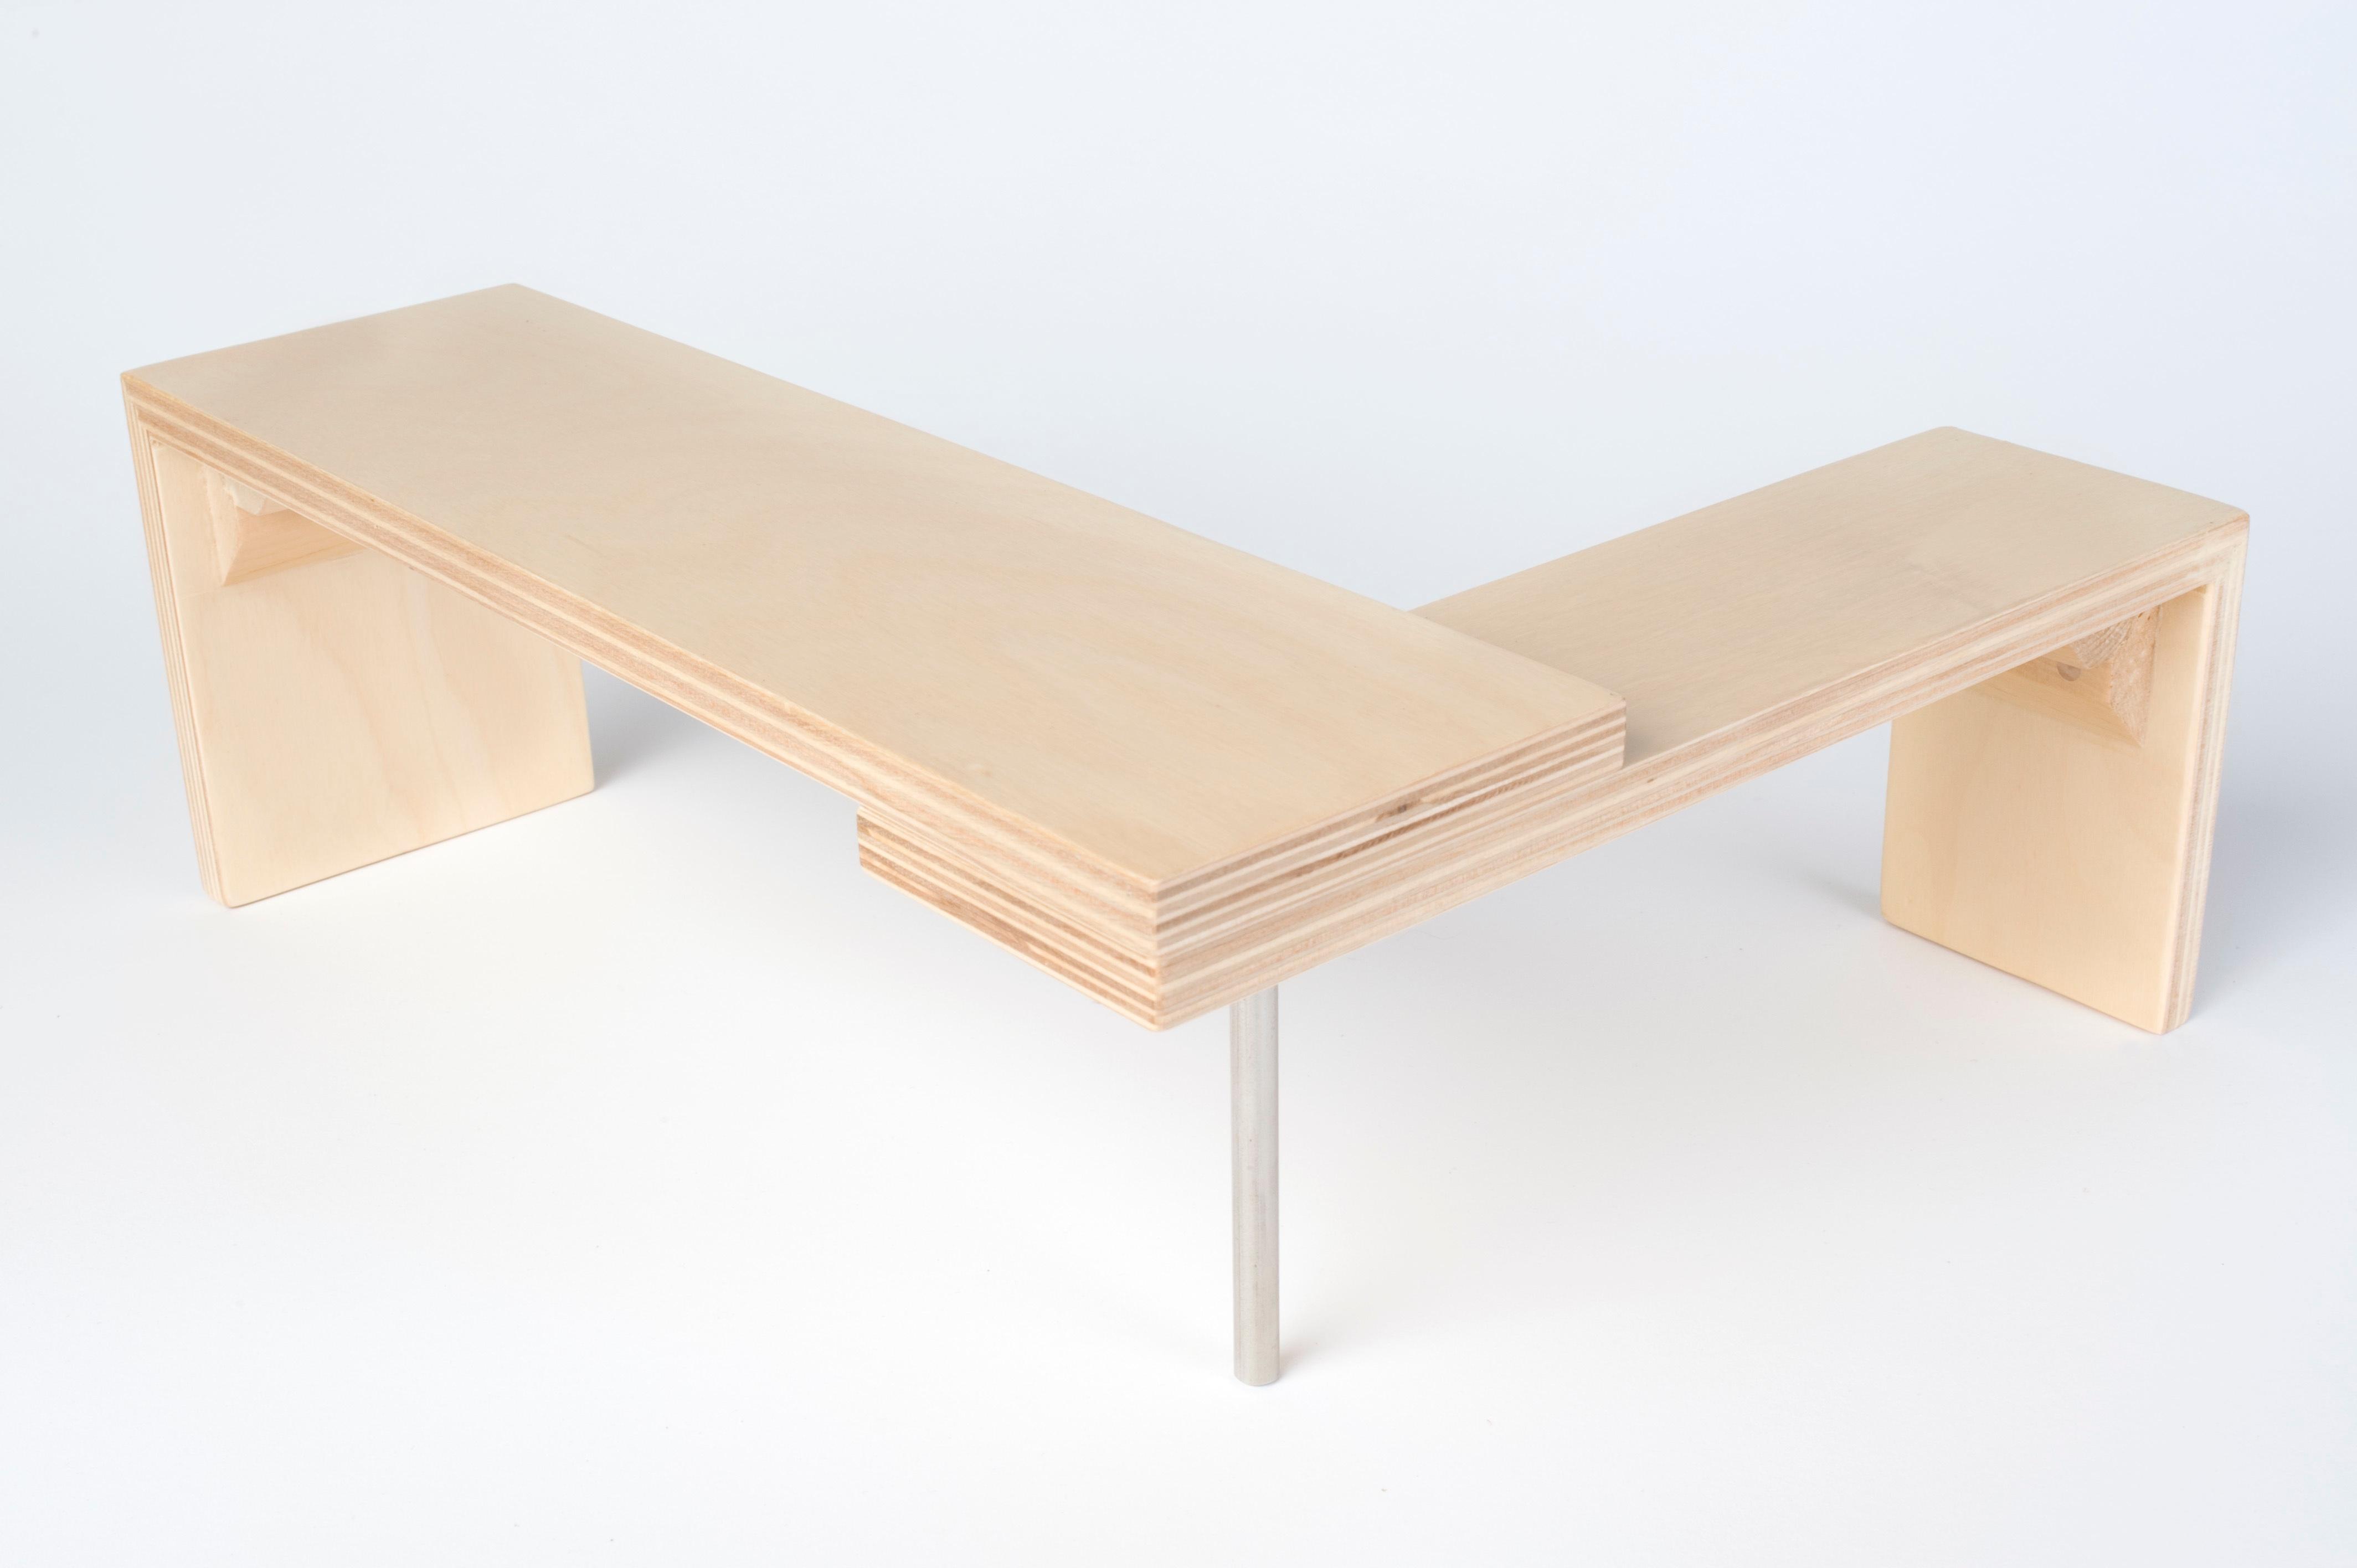 Fotos gratis : escritorio, banco, mueble, mesa de café, rectángulo ...